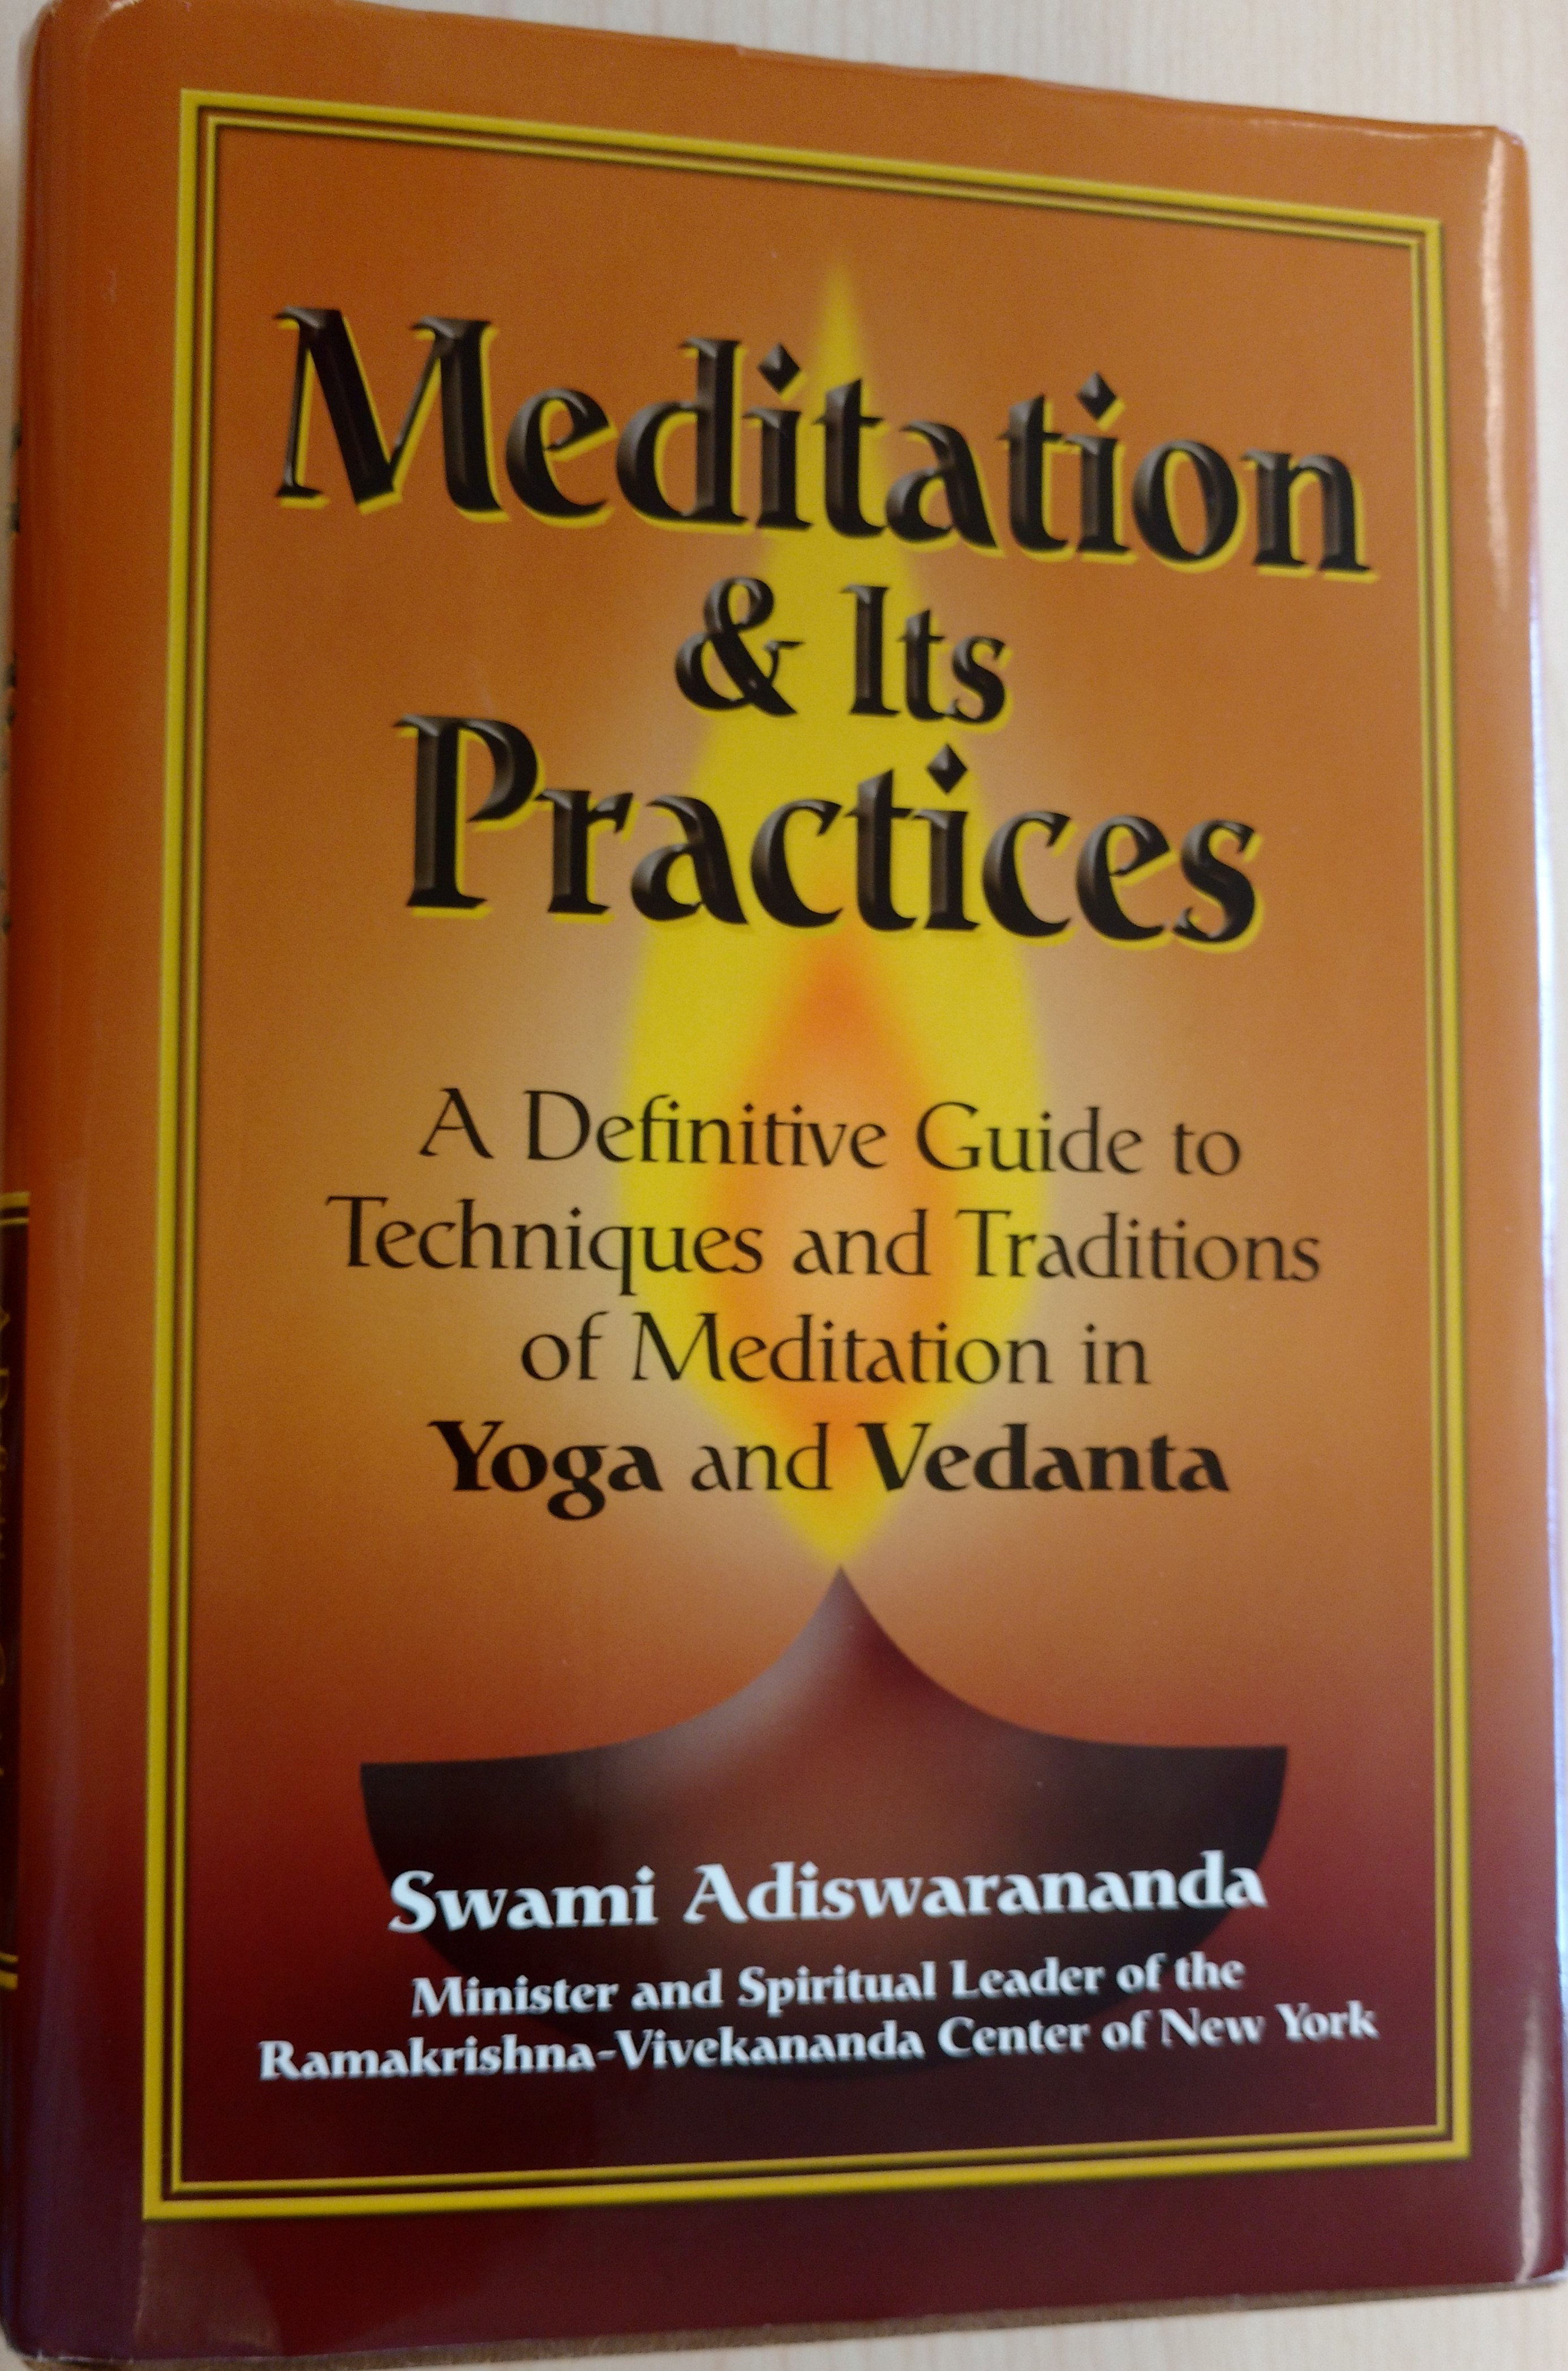 books on meditation by swami vivekananda pdf